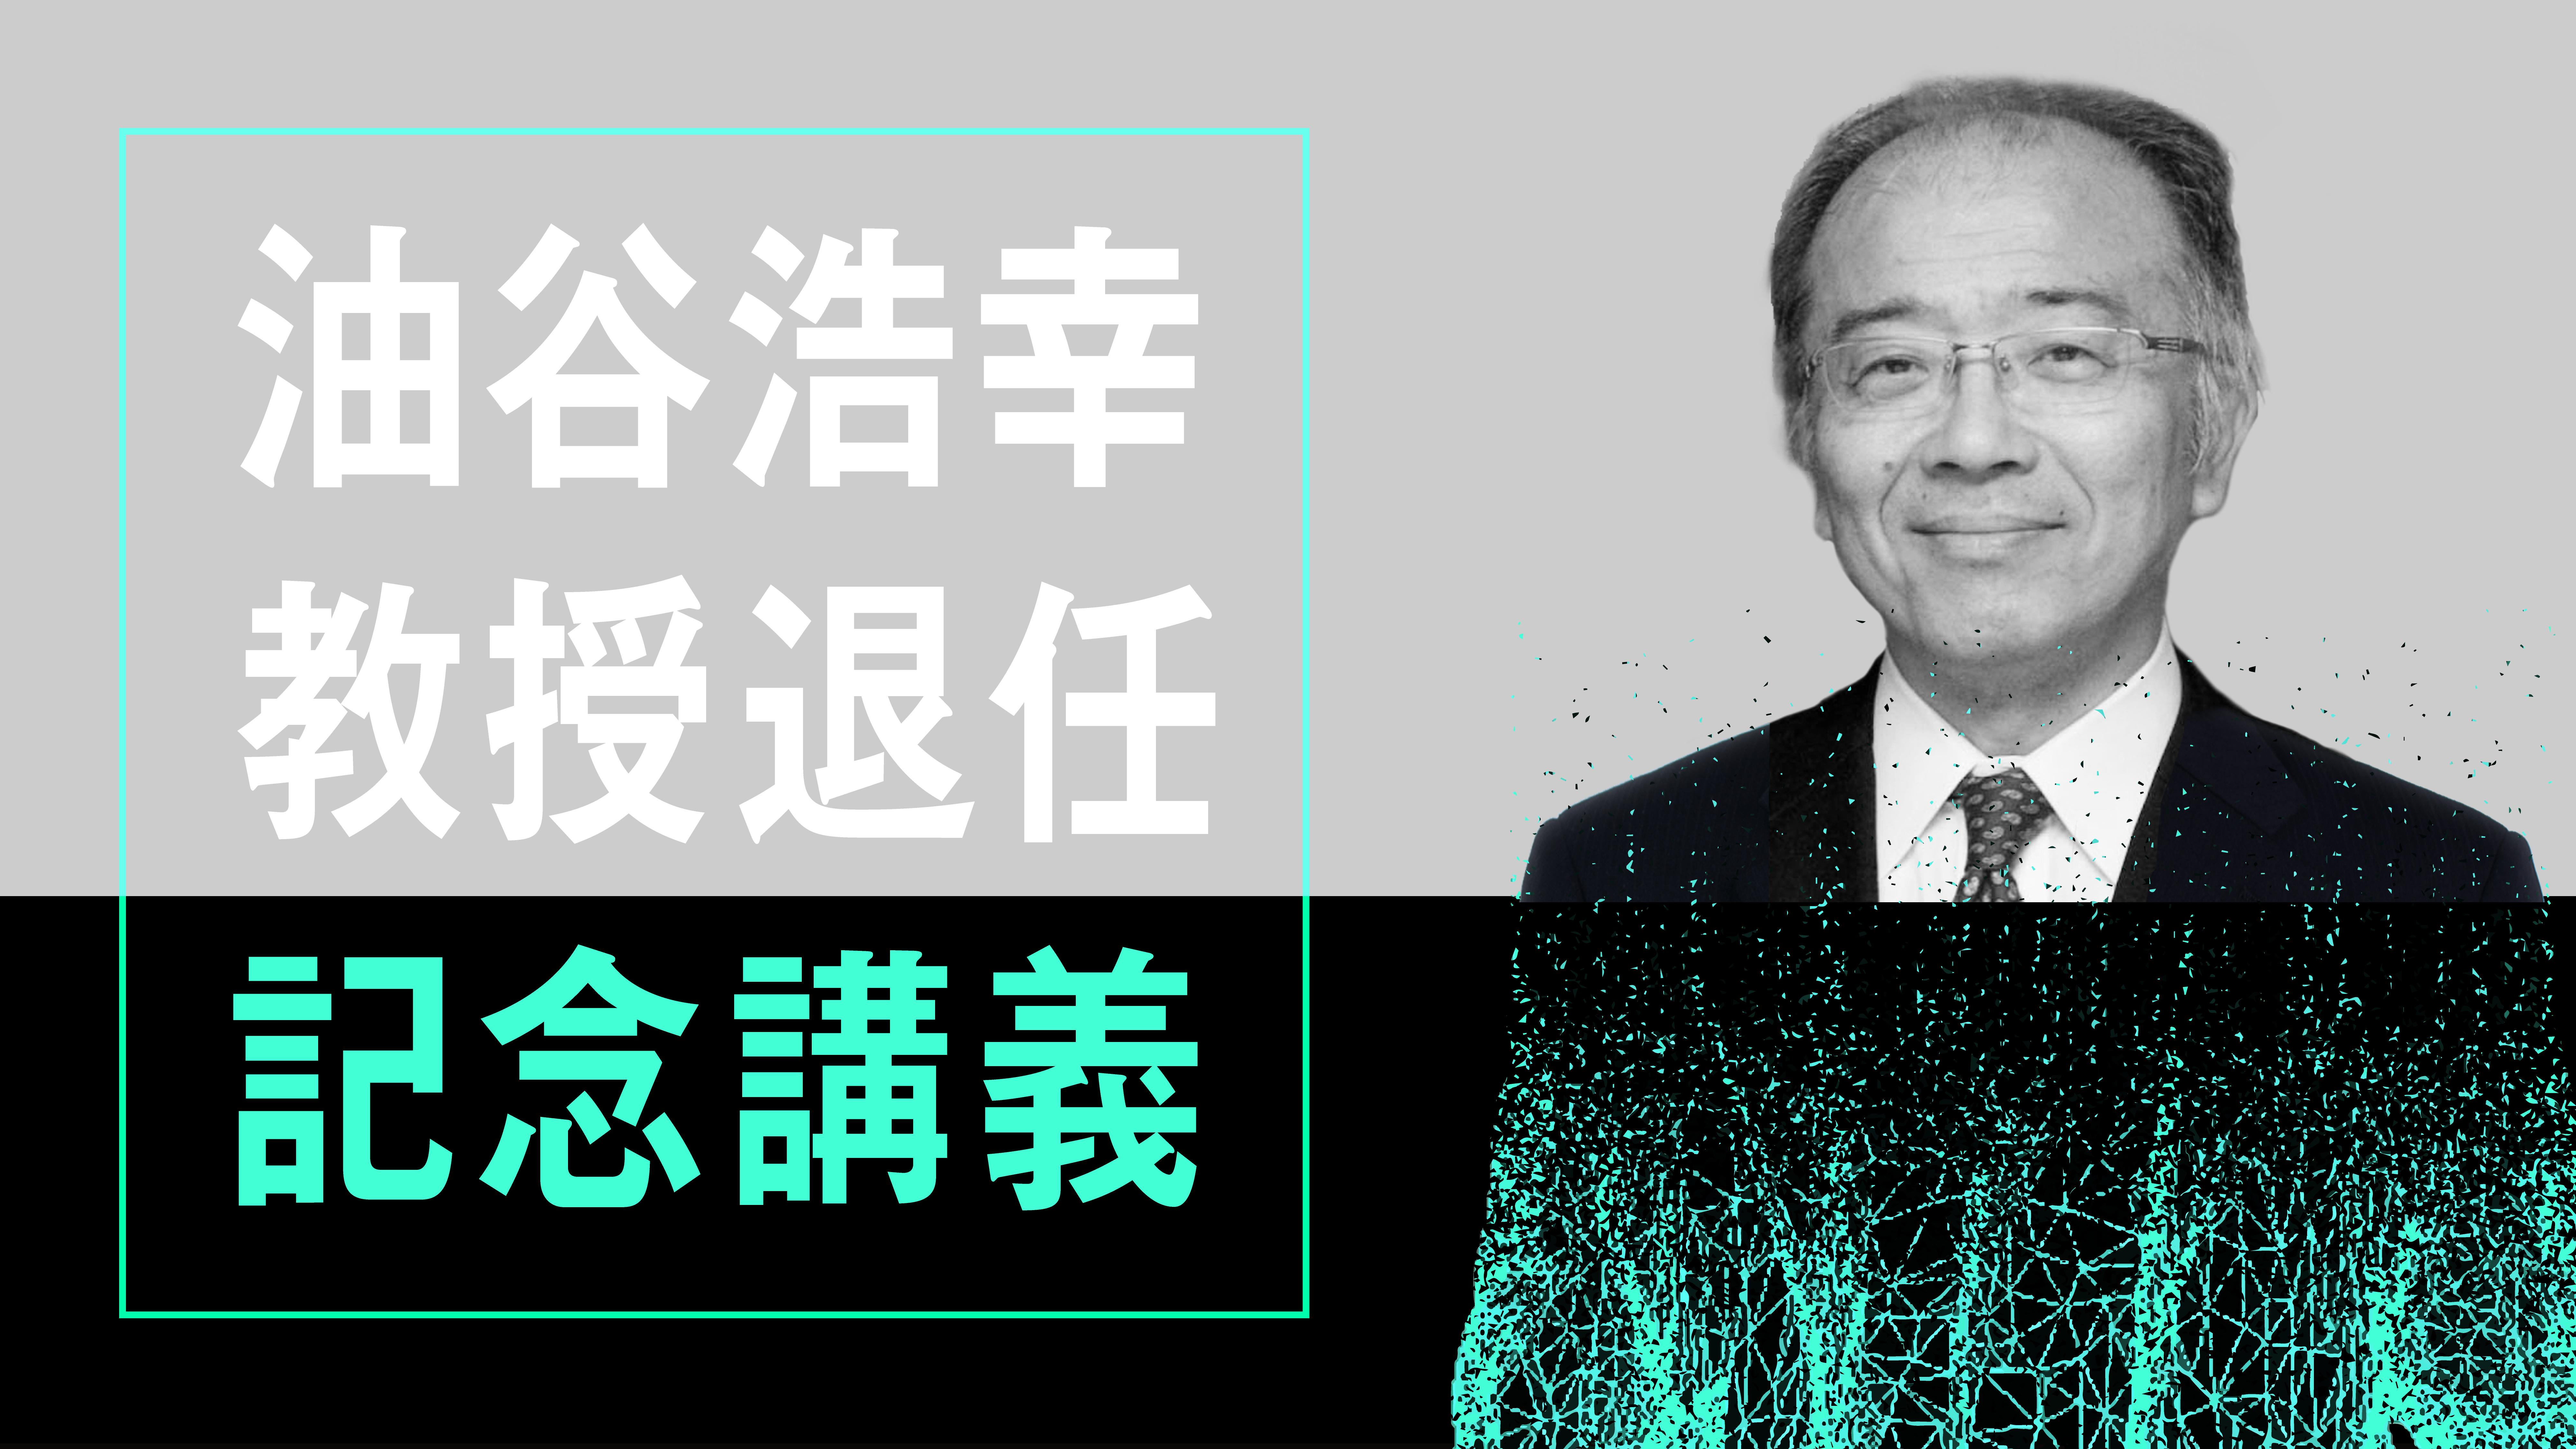 油谷浩幸教授退任記念講義